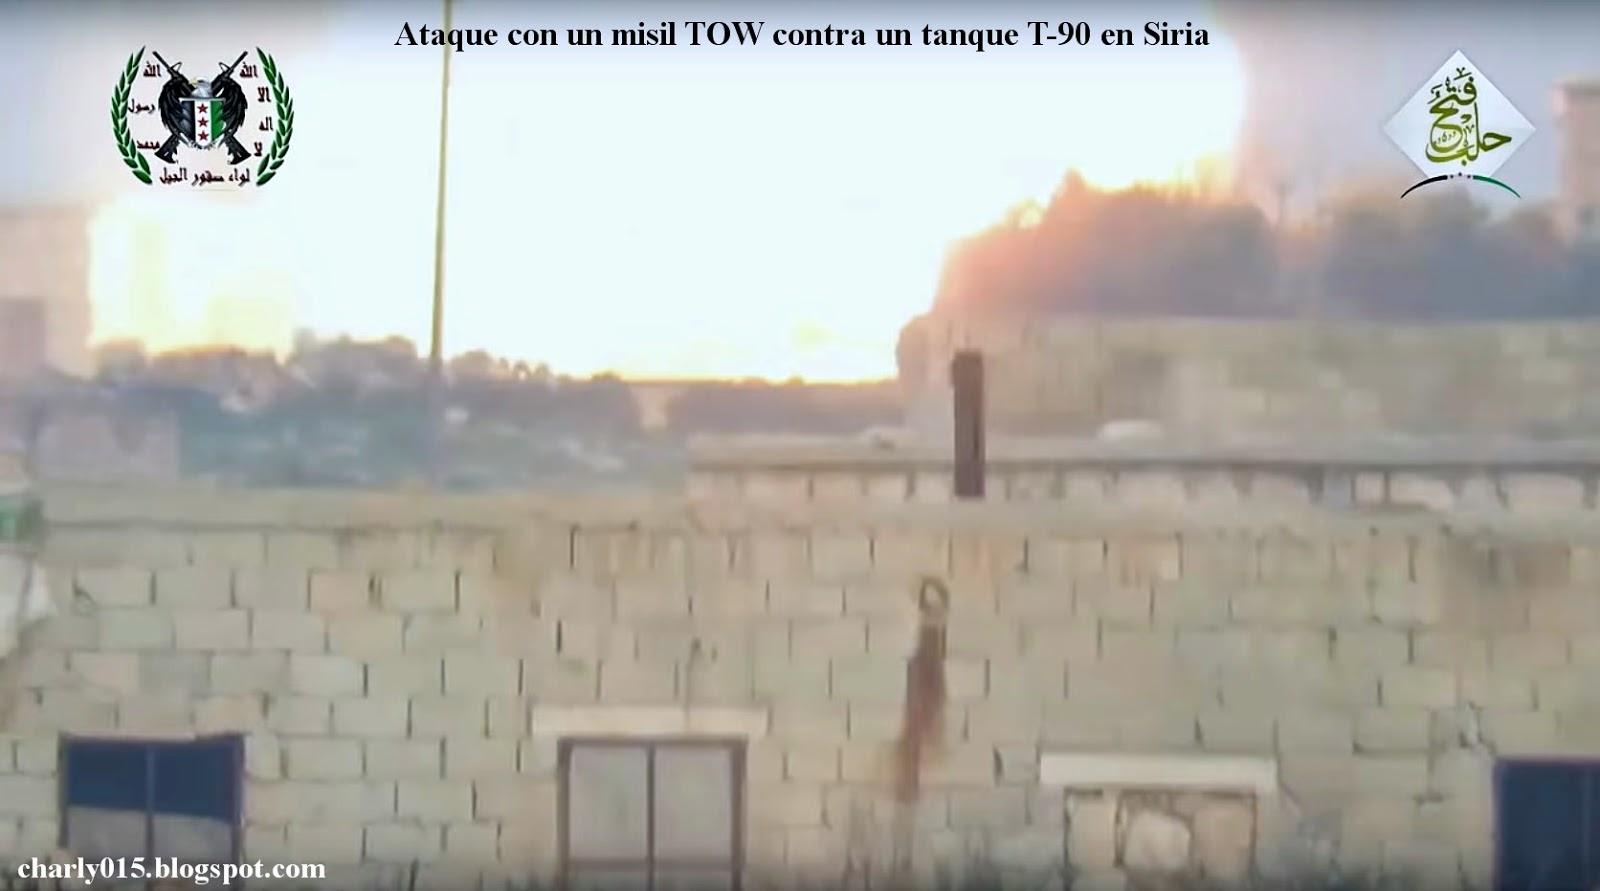 siria%2Bt-90%2Bataque%2B4.jpg